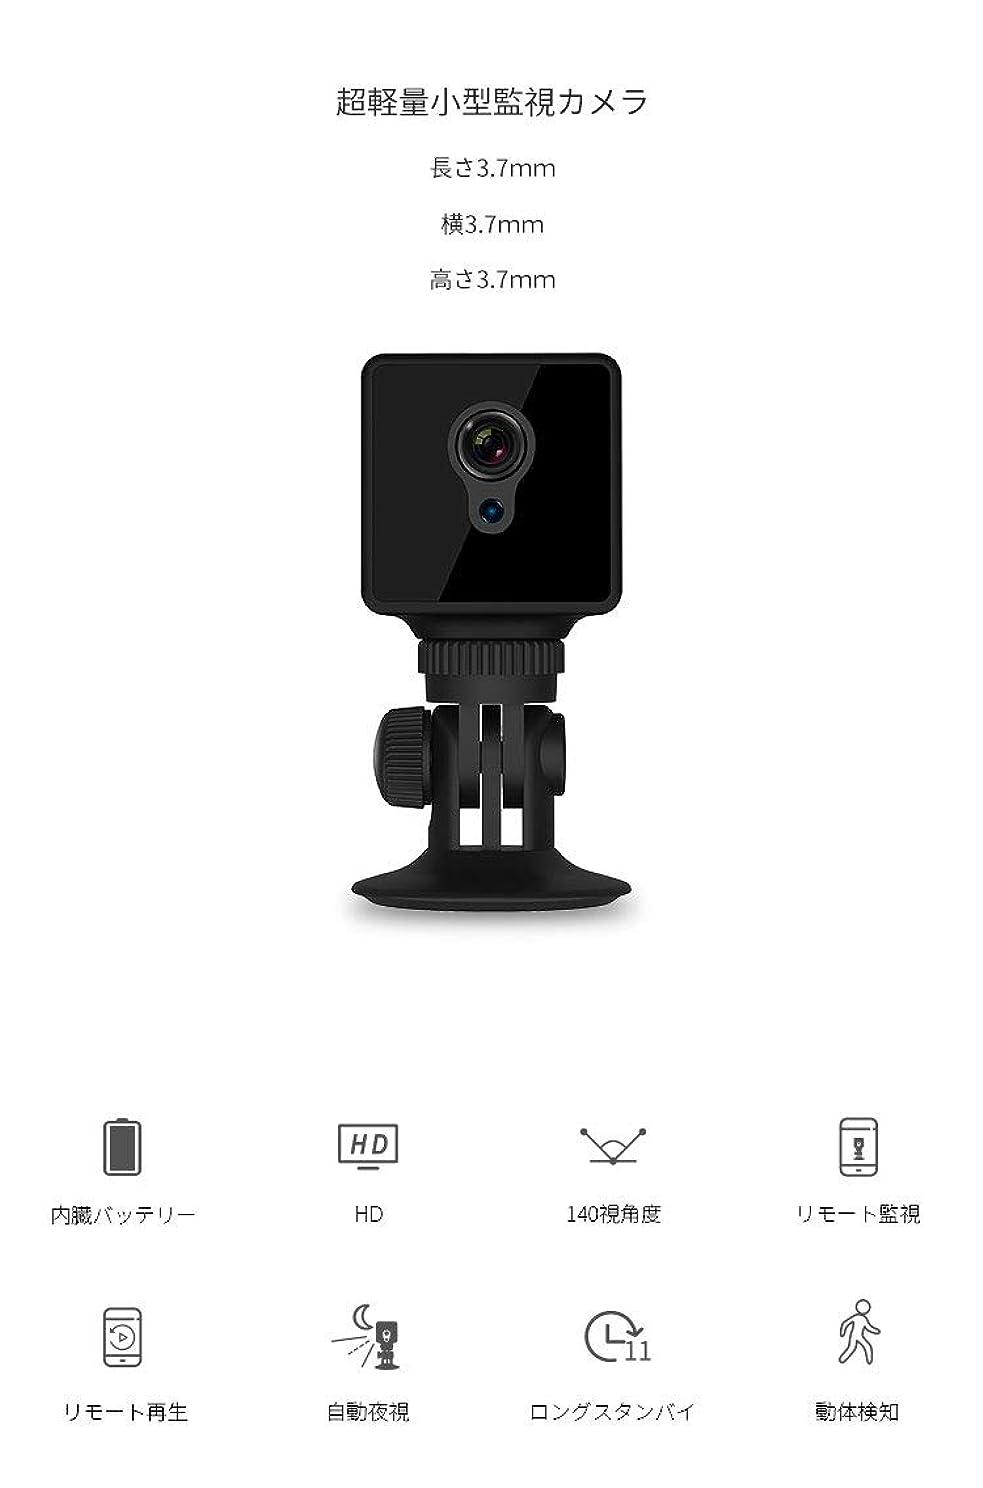 暴力大気店主超小型カメラ ビデオ カメラ Wifi対応 内蔵バッテリー約8時間長時間録画 バイクや自転車に取り付け可能 HD1080P超高画質 対応遠隔操作 ワイヤレス 動体検知 赤外線暗視 視角度140° 日本語取扱説明書